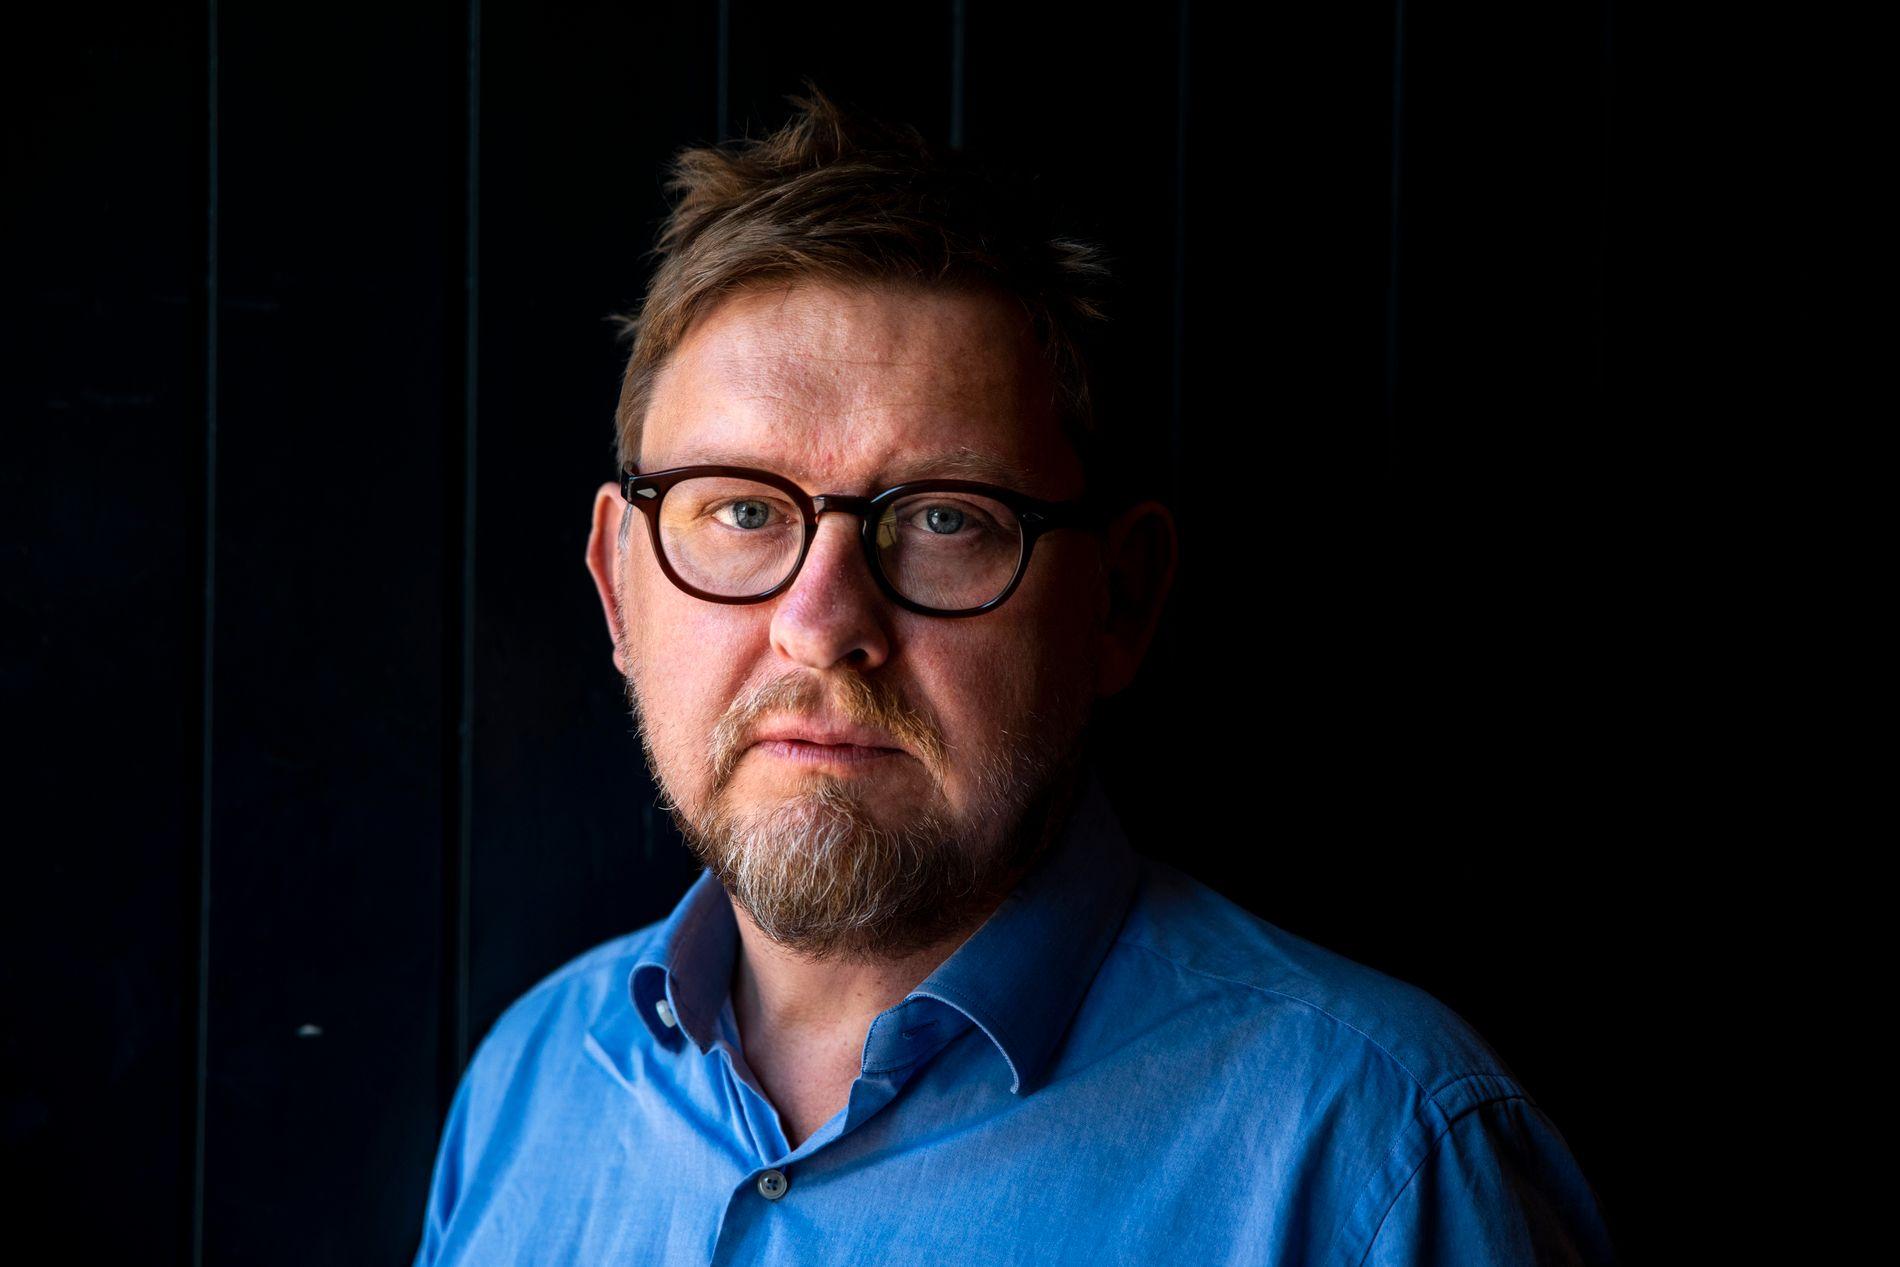 SVERIGES MEST UTSKJELTE: Fredrik Virtanen har skrevet bok om tiden som Sveriges fremste medieoffer. «Boken er stinn av bitterhet og selvmedlidenhet, og Virtanen legger ikke bånd på seg», skriver Frode Bjerkestrand.